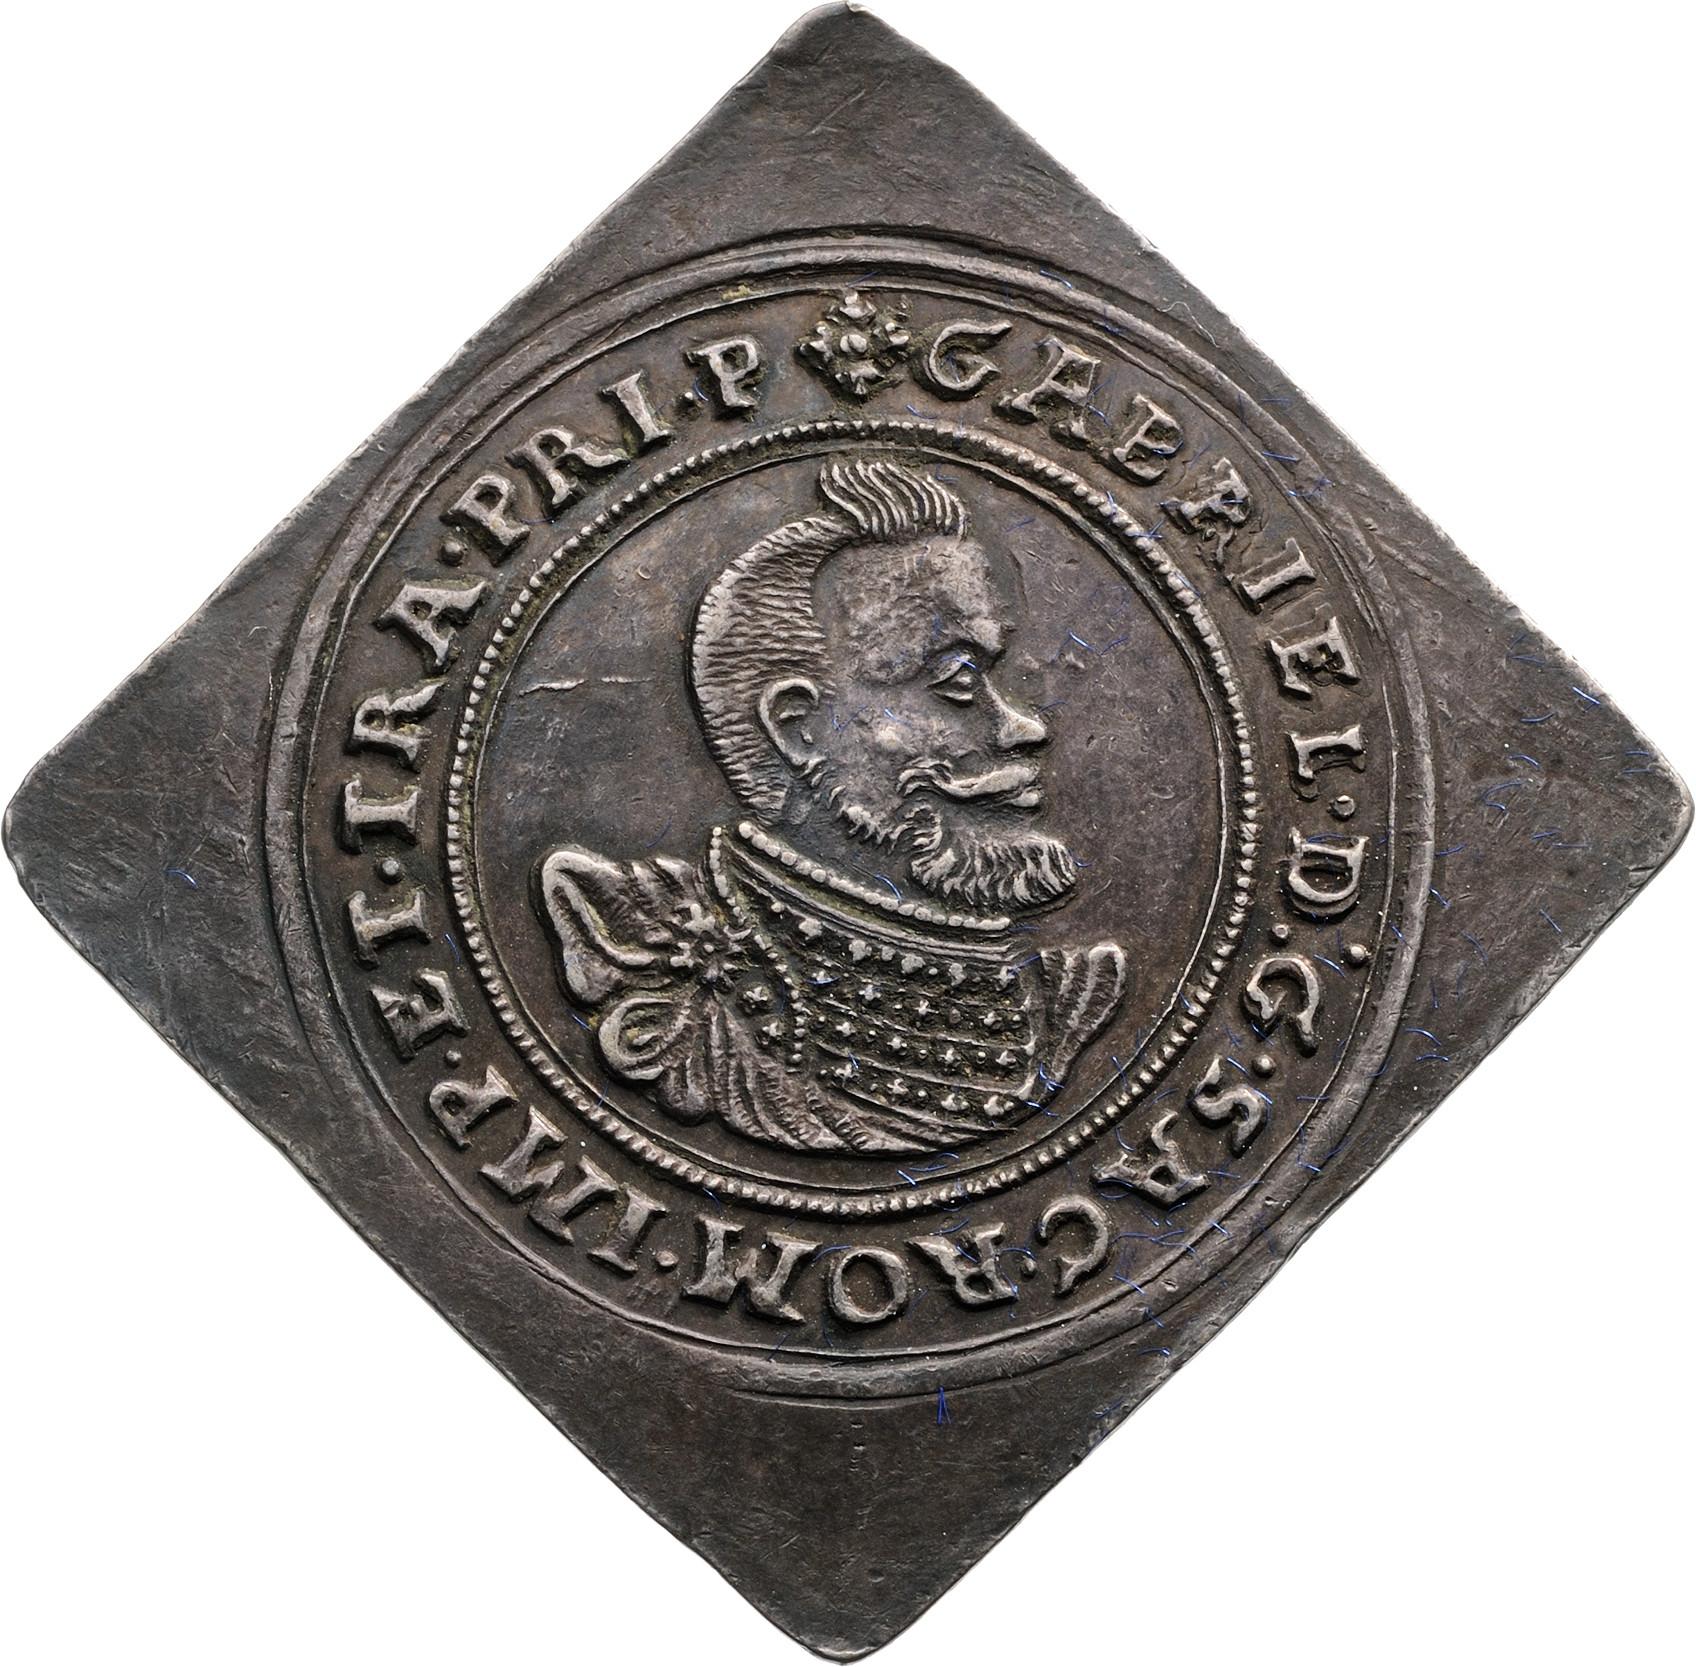 A kiállítás anyaga az erdélyi tallérgyűjteményen túl kiegészül a jegybank 1974-ben alapított Bankjegy- és Éremgyűjteményének 48 darab erdélyi aranypénzével